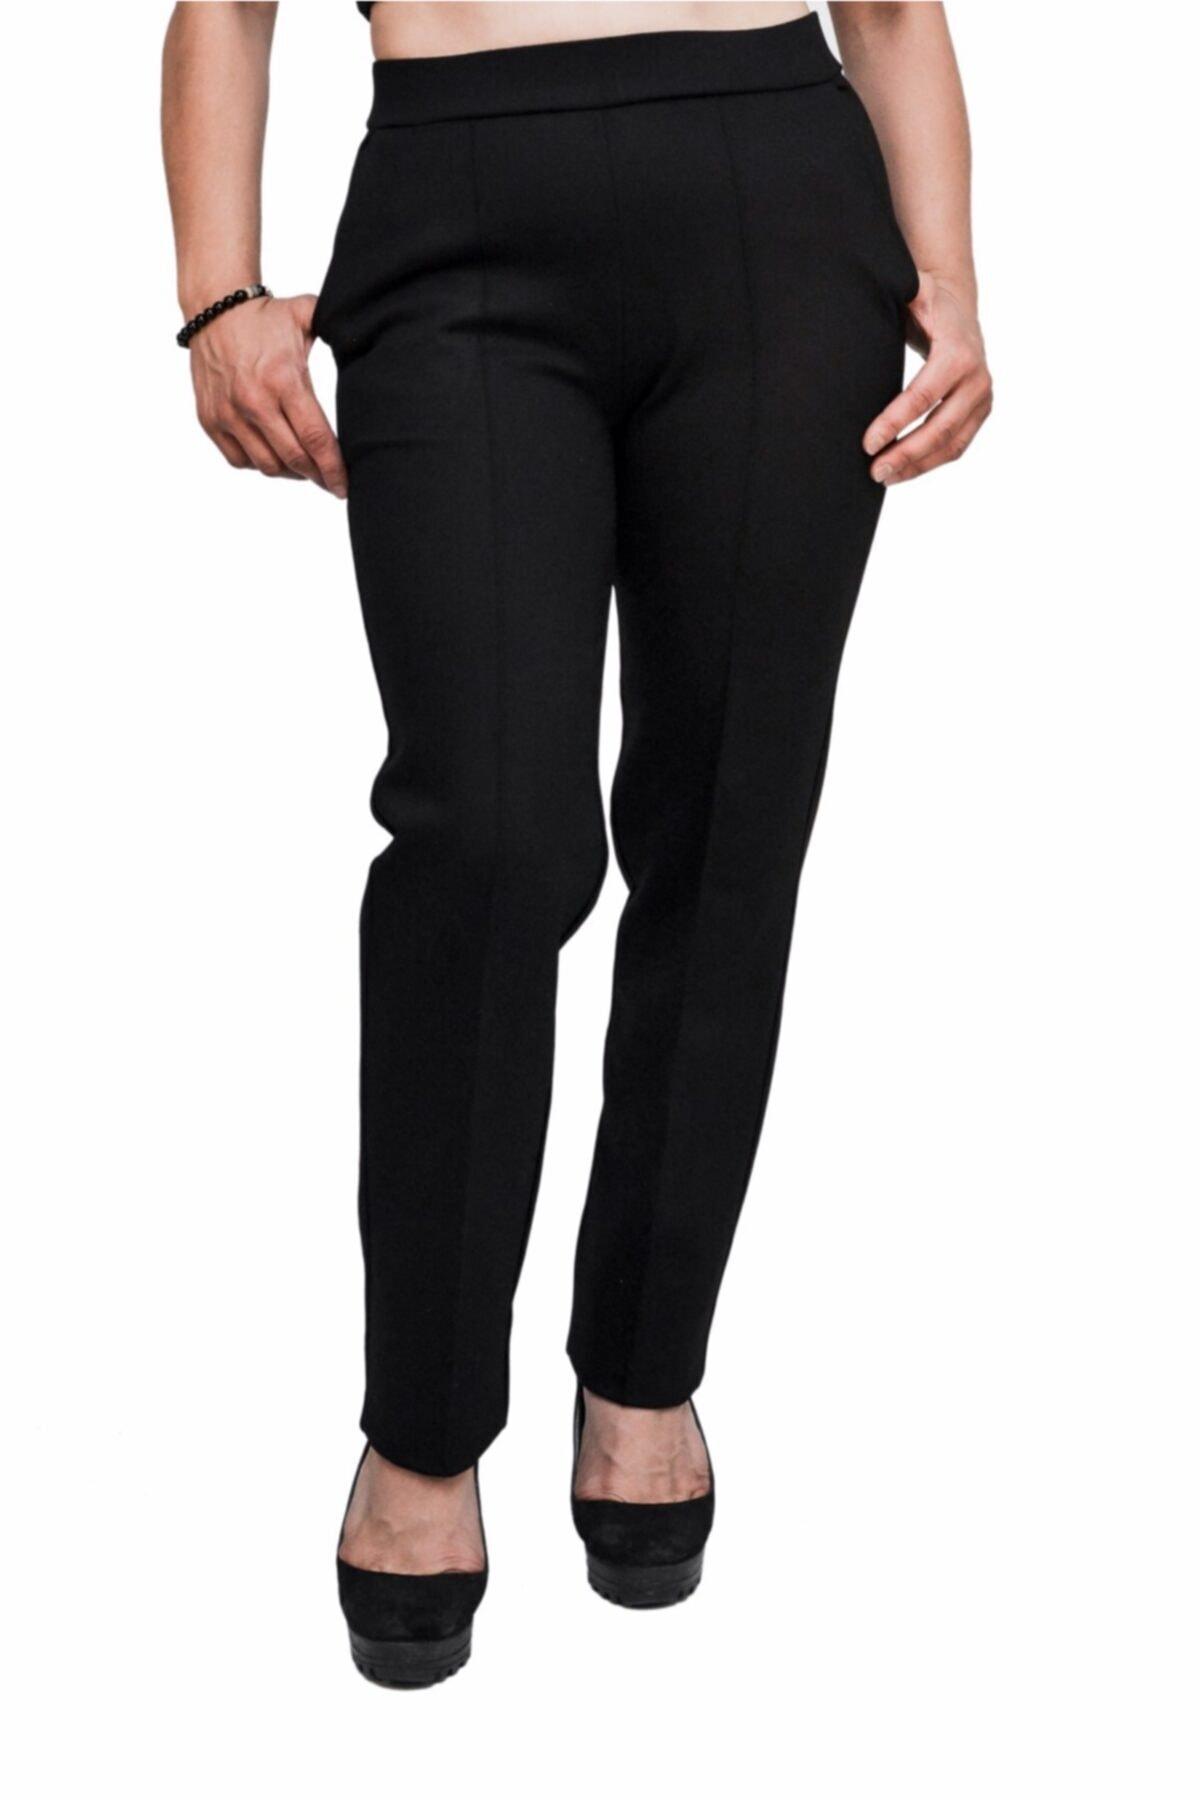 Otto Kadın Siyah Kalem Pantalon 1